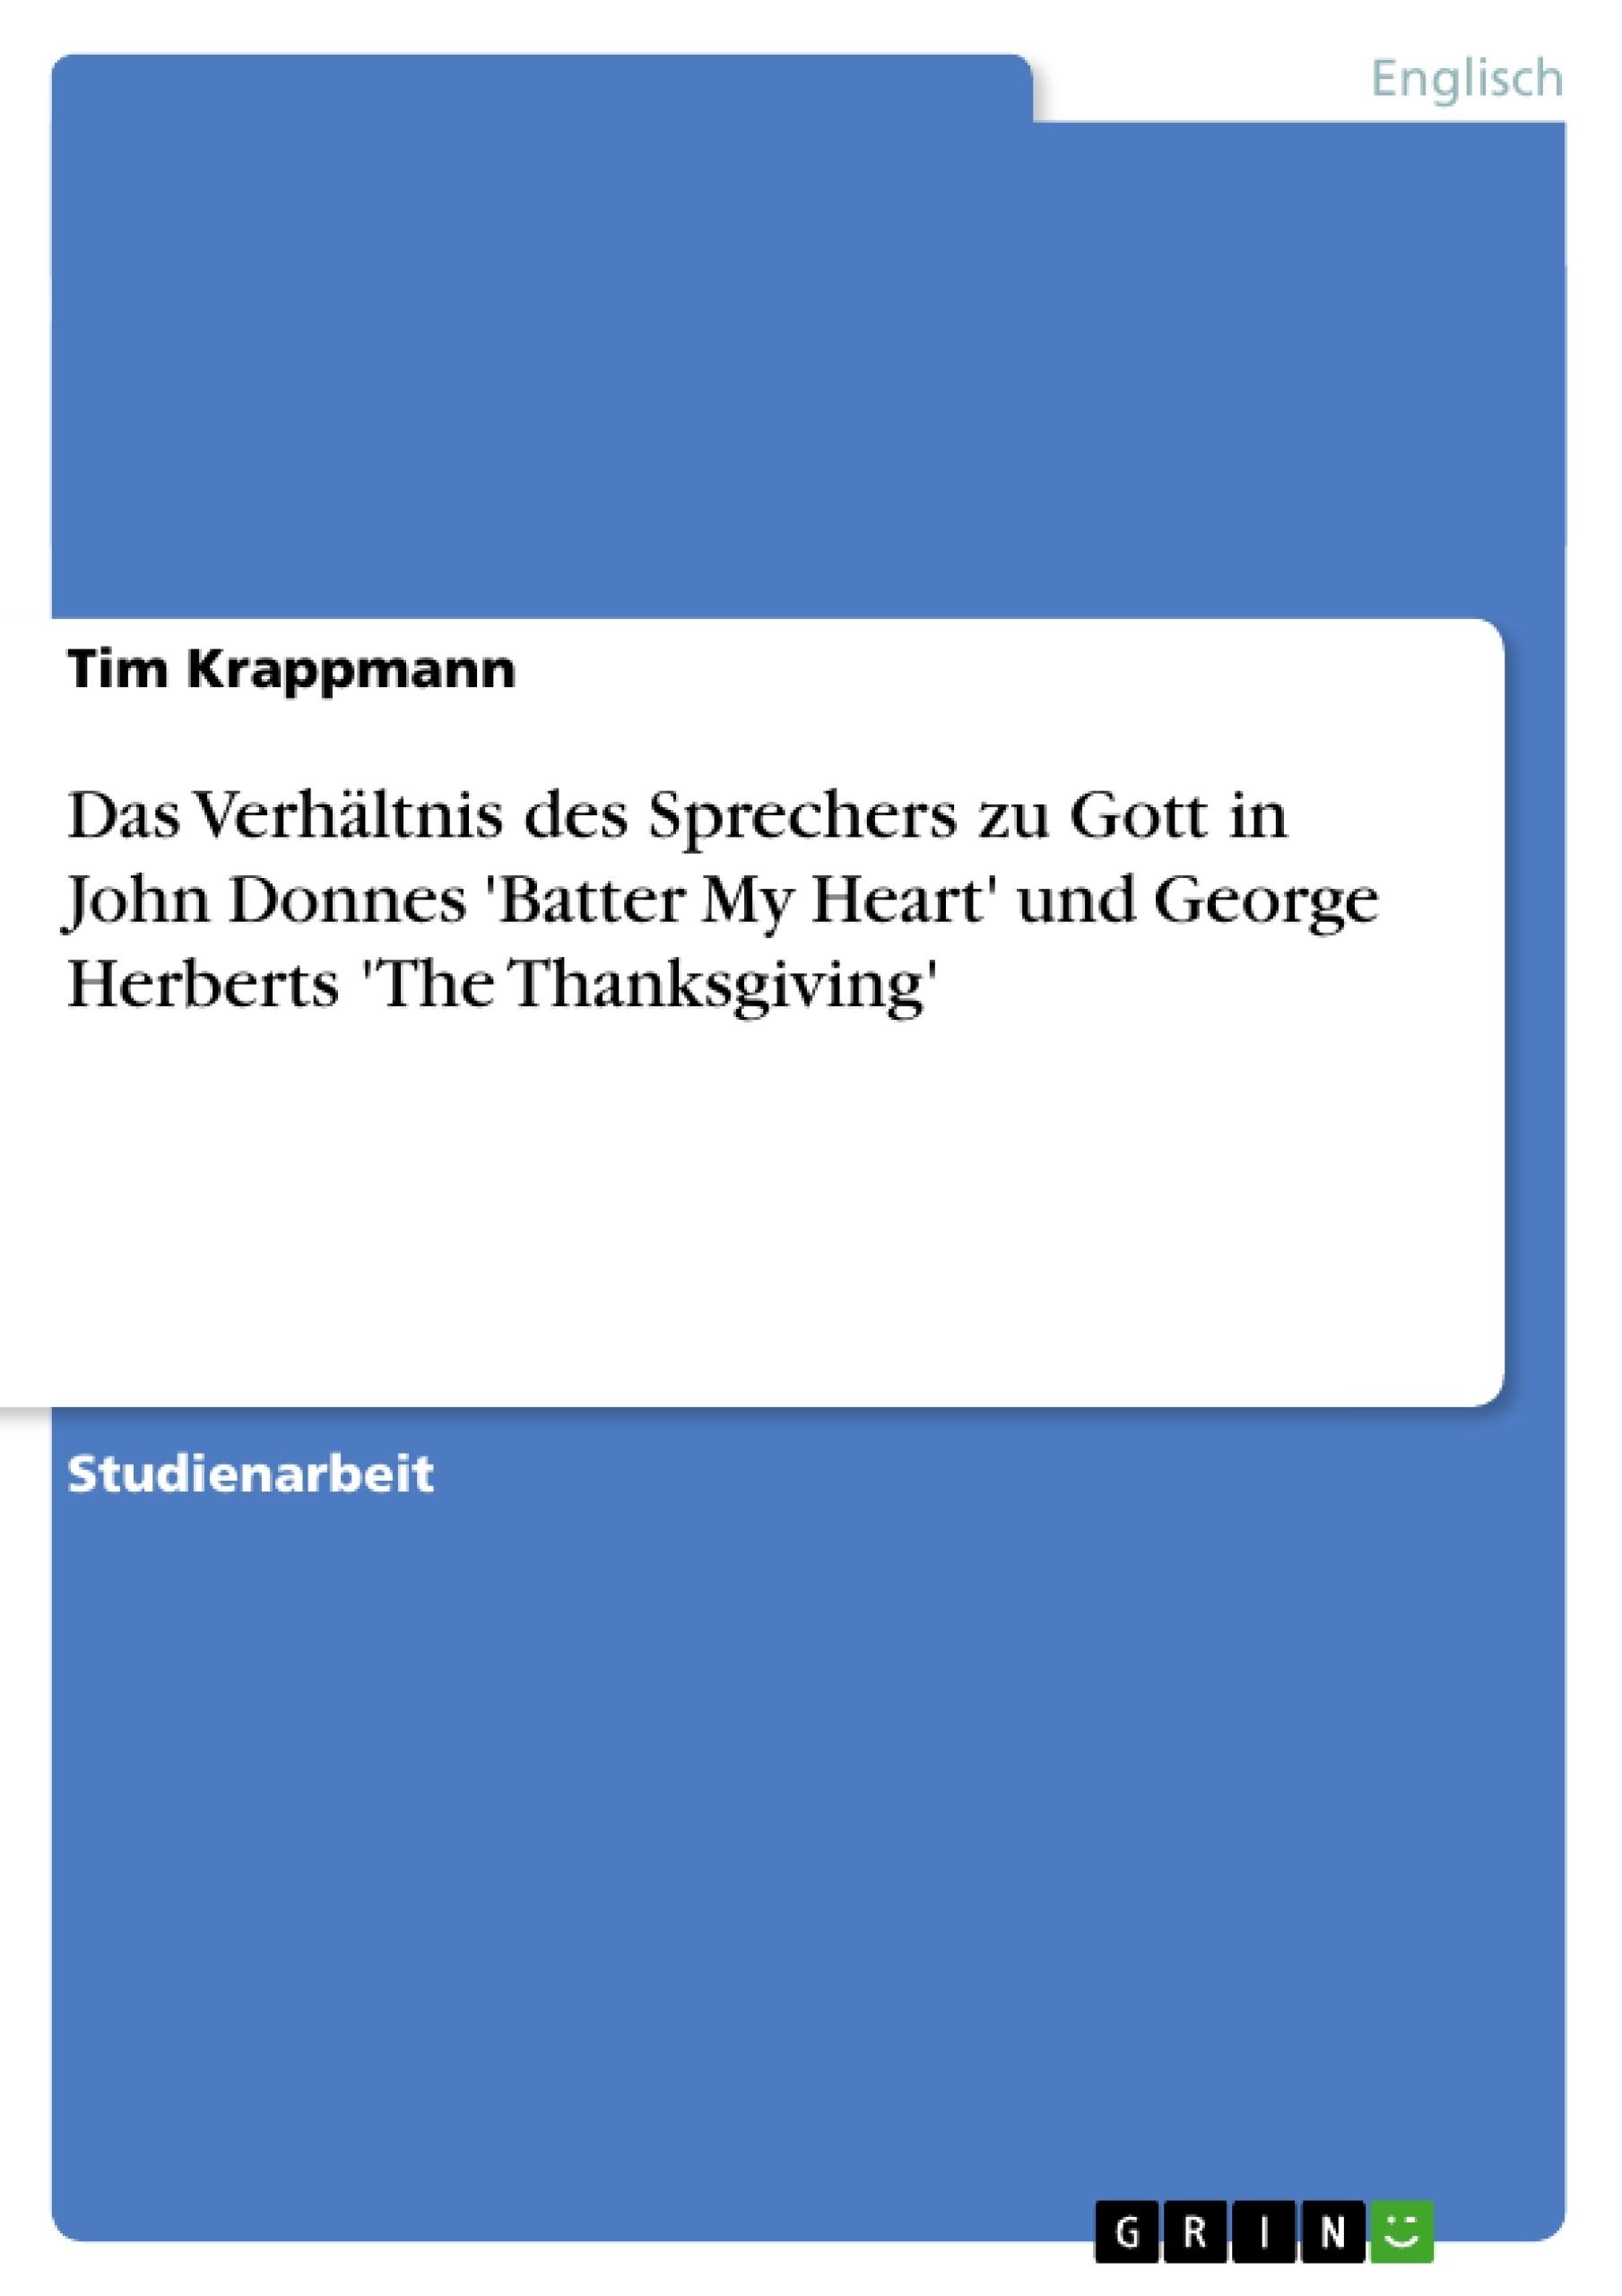 Titel: Das Verhältnis des Sprechers zu Gott in John Donnes 'Batter My Heart' und George Herberts 'The Thanksgiving'